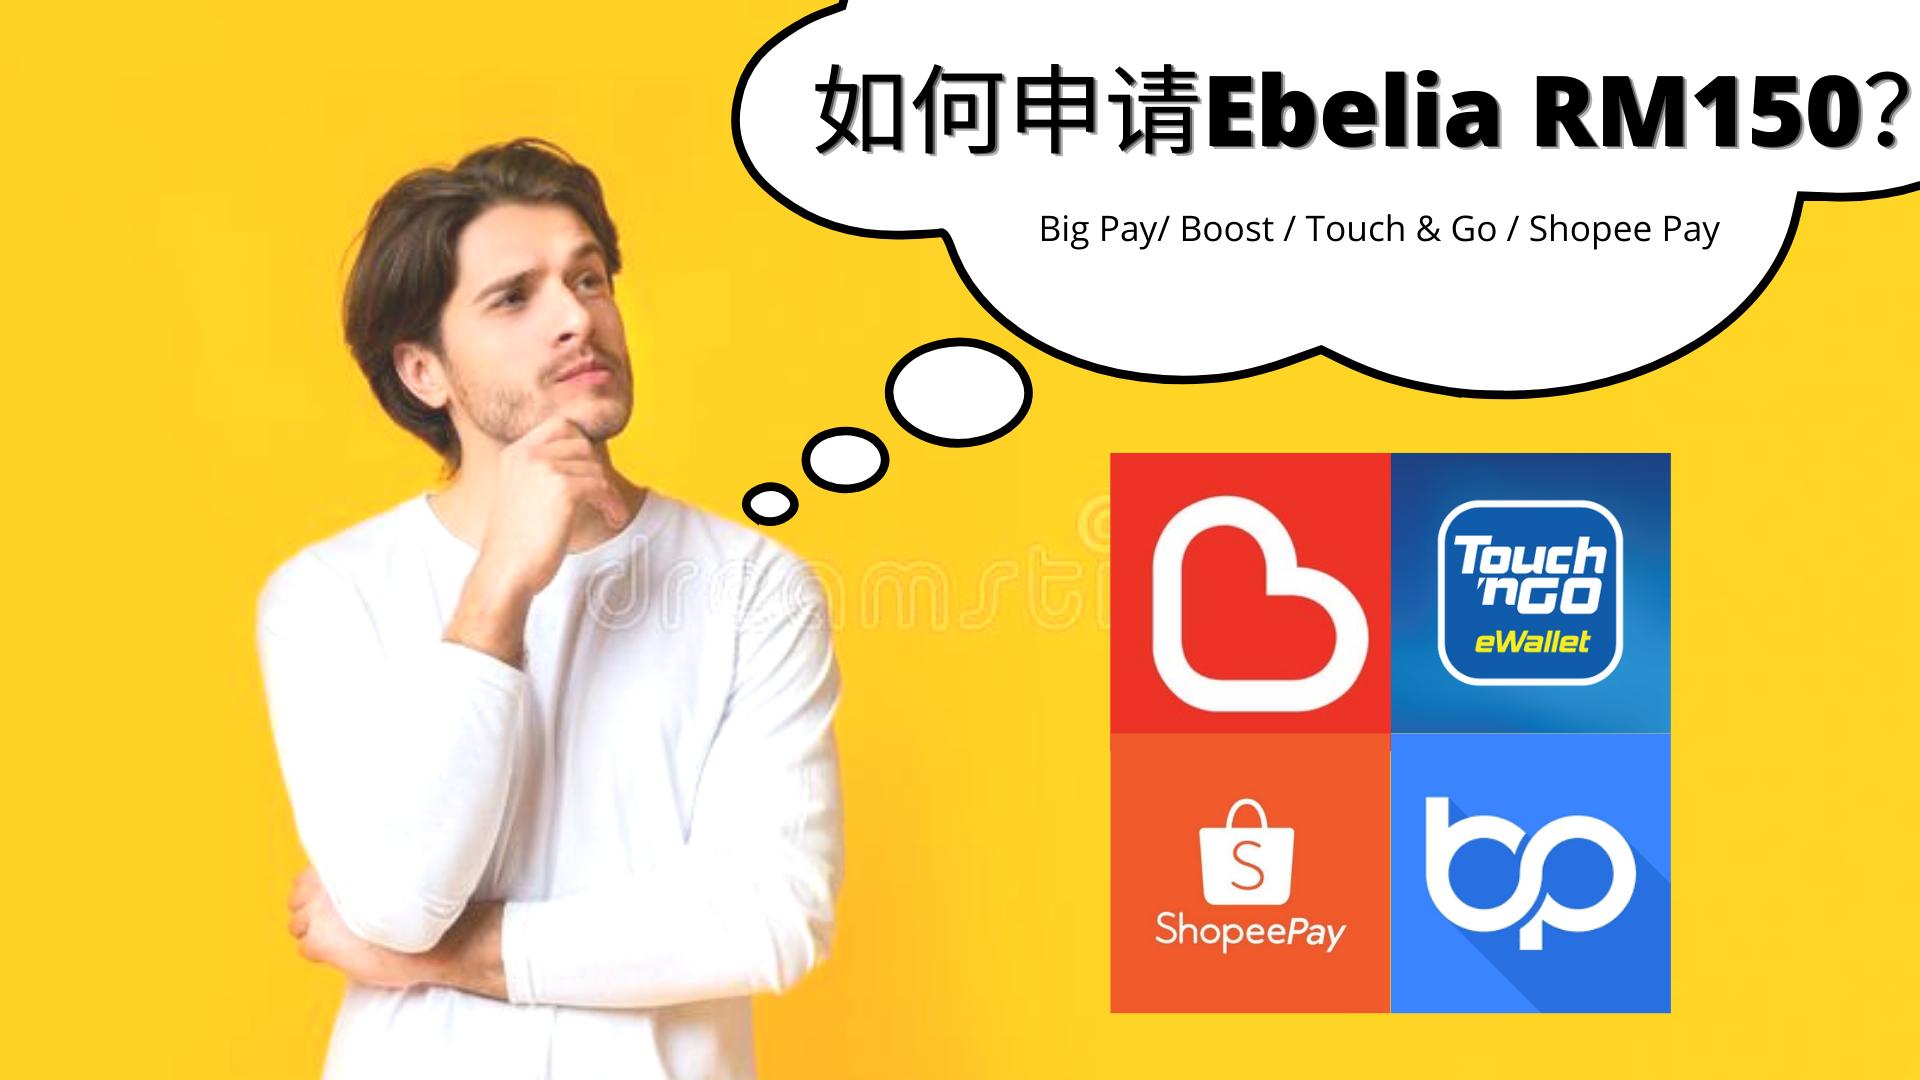 如何申请Ebelia RM150?